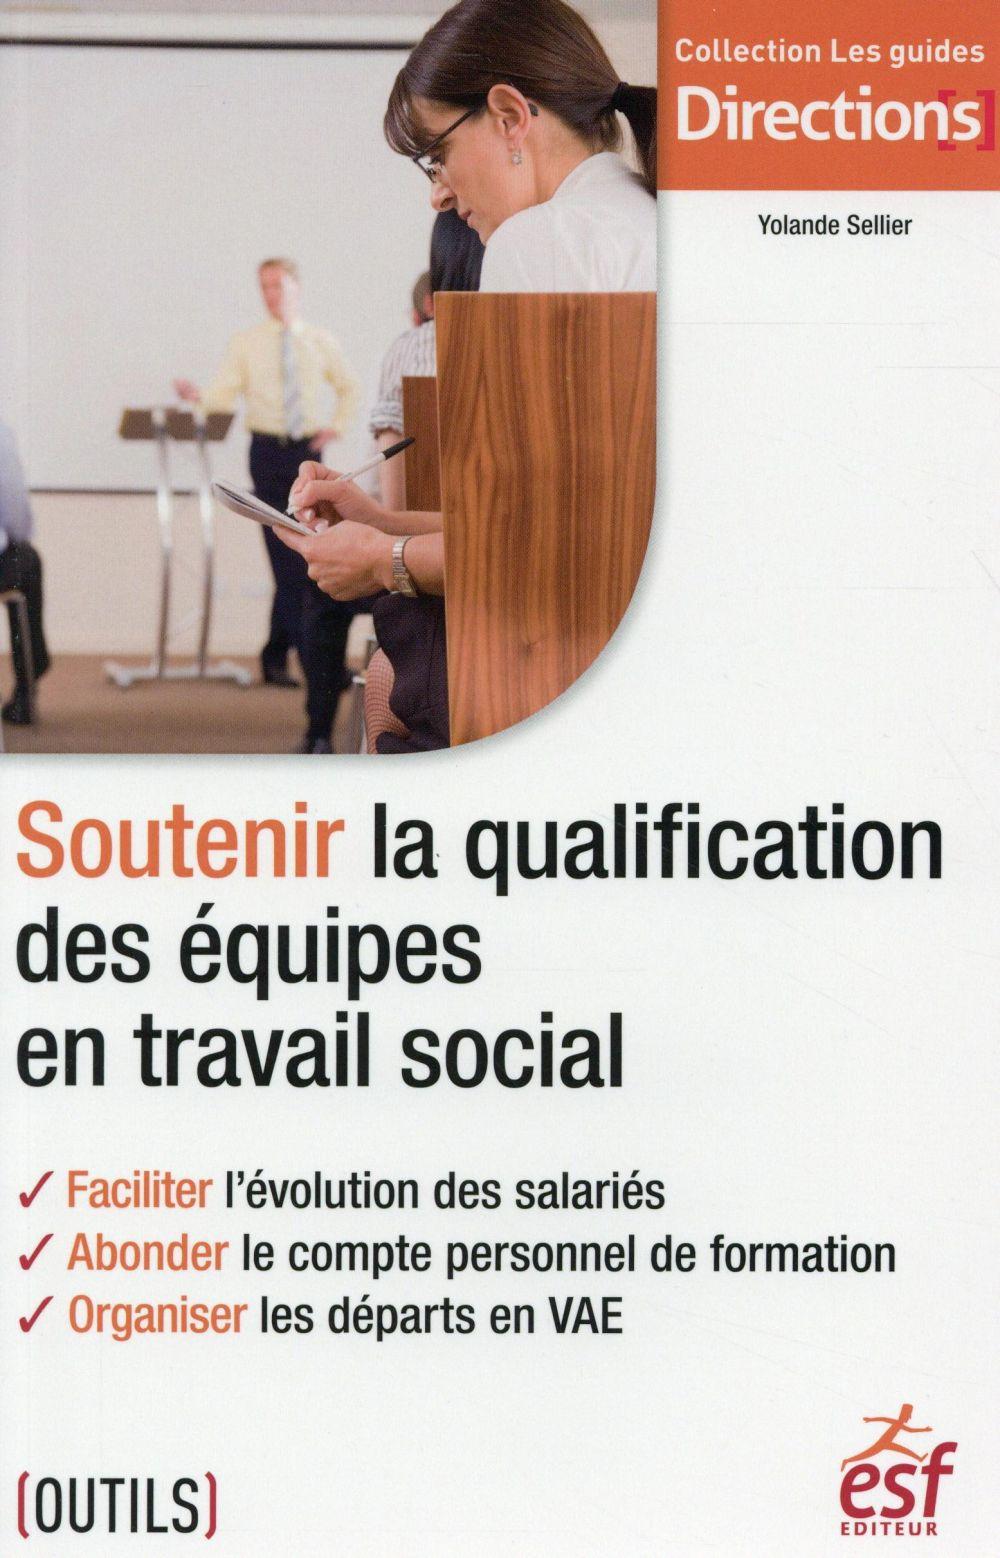 Soutenir la qualification  des équipes en travail social